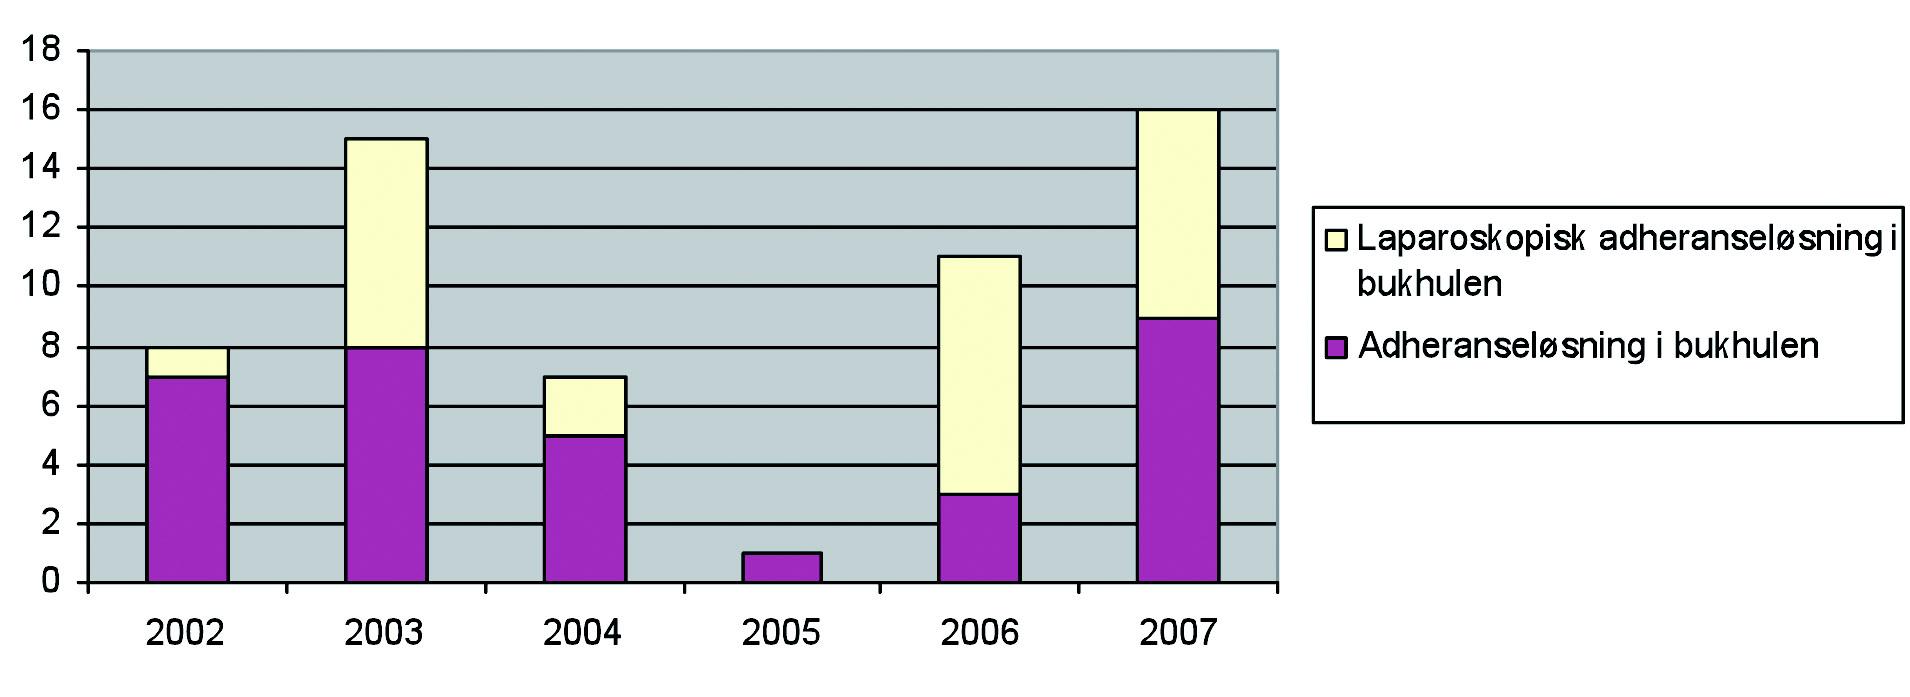 Figur 6. Antall laparoskopisk adheranseløsning utført på vakt sammenlignet med åpen kirurgi